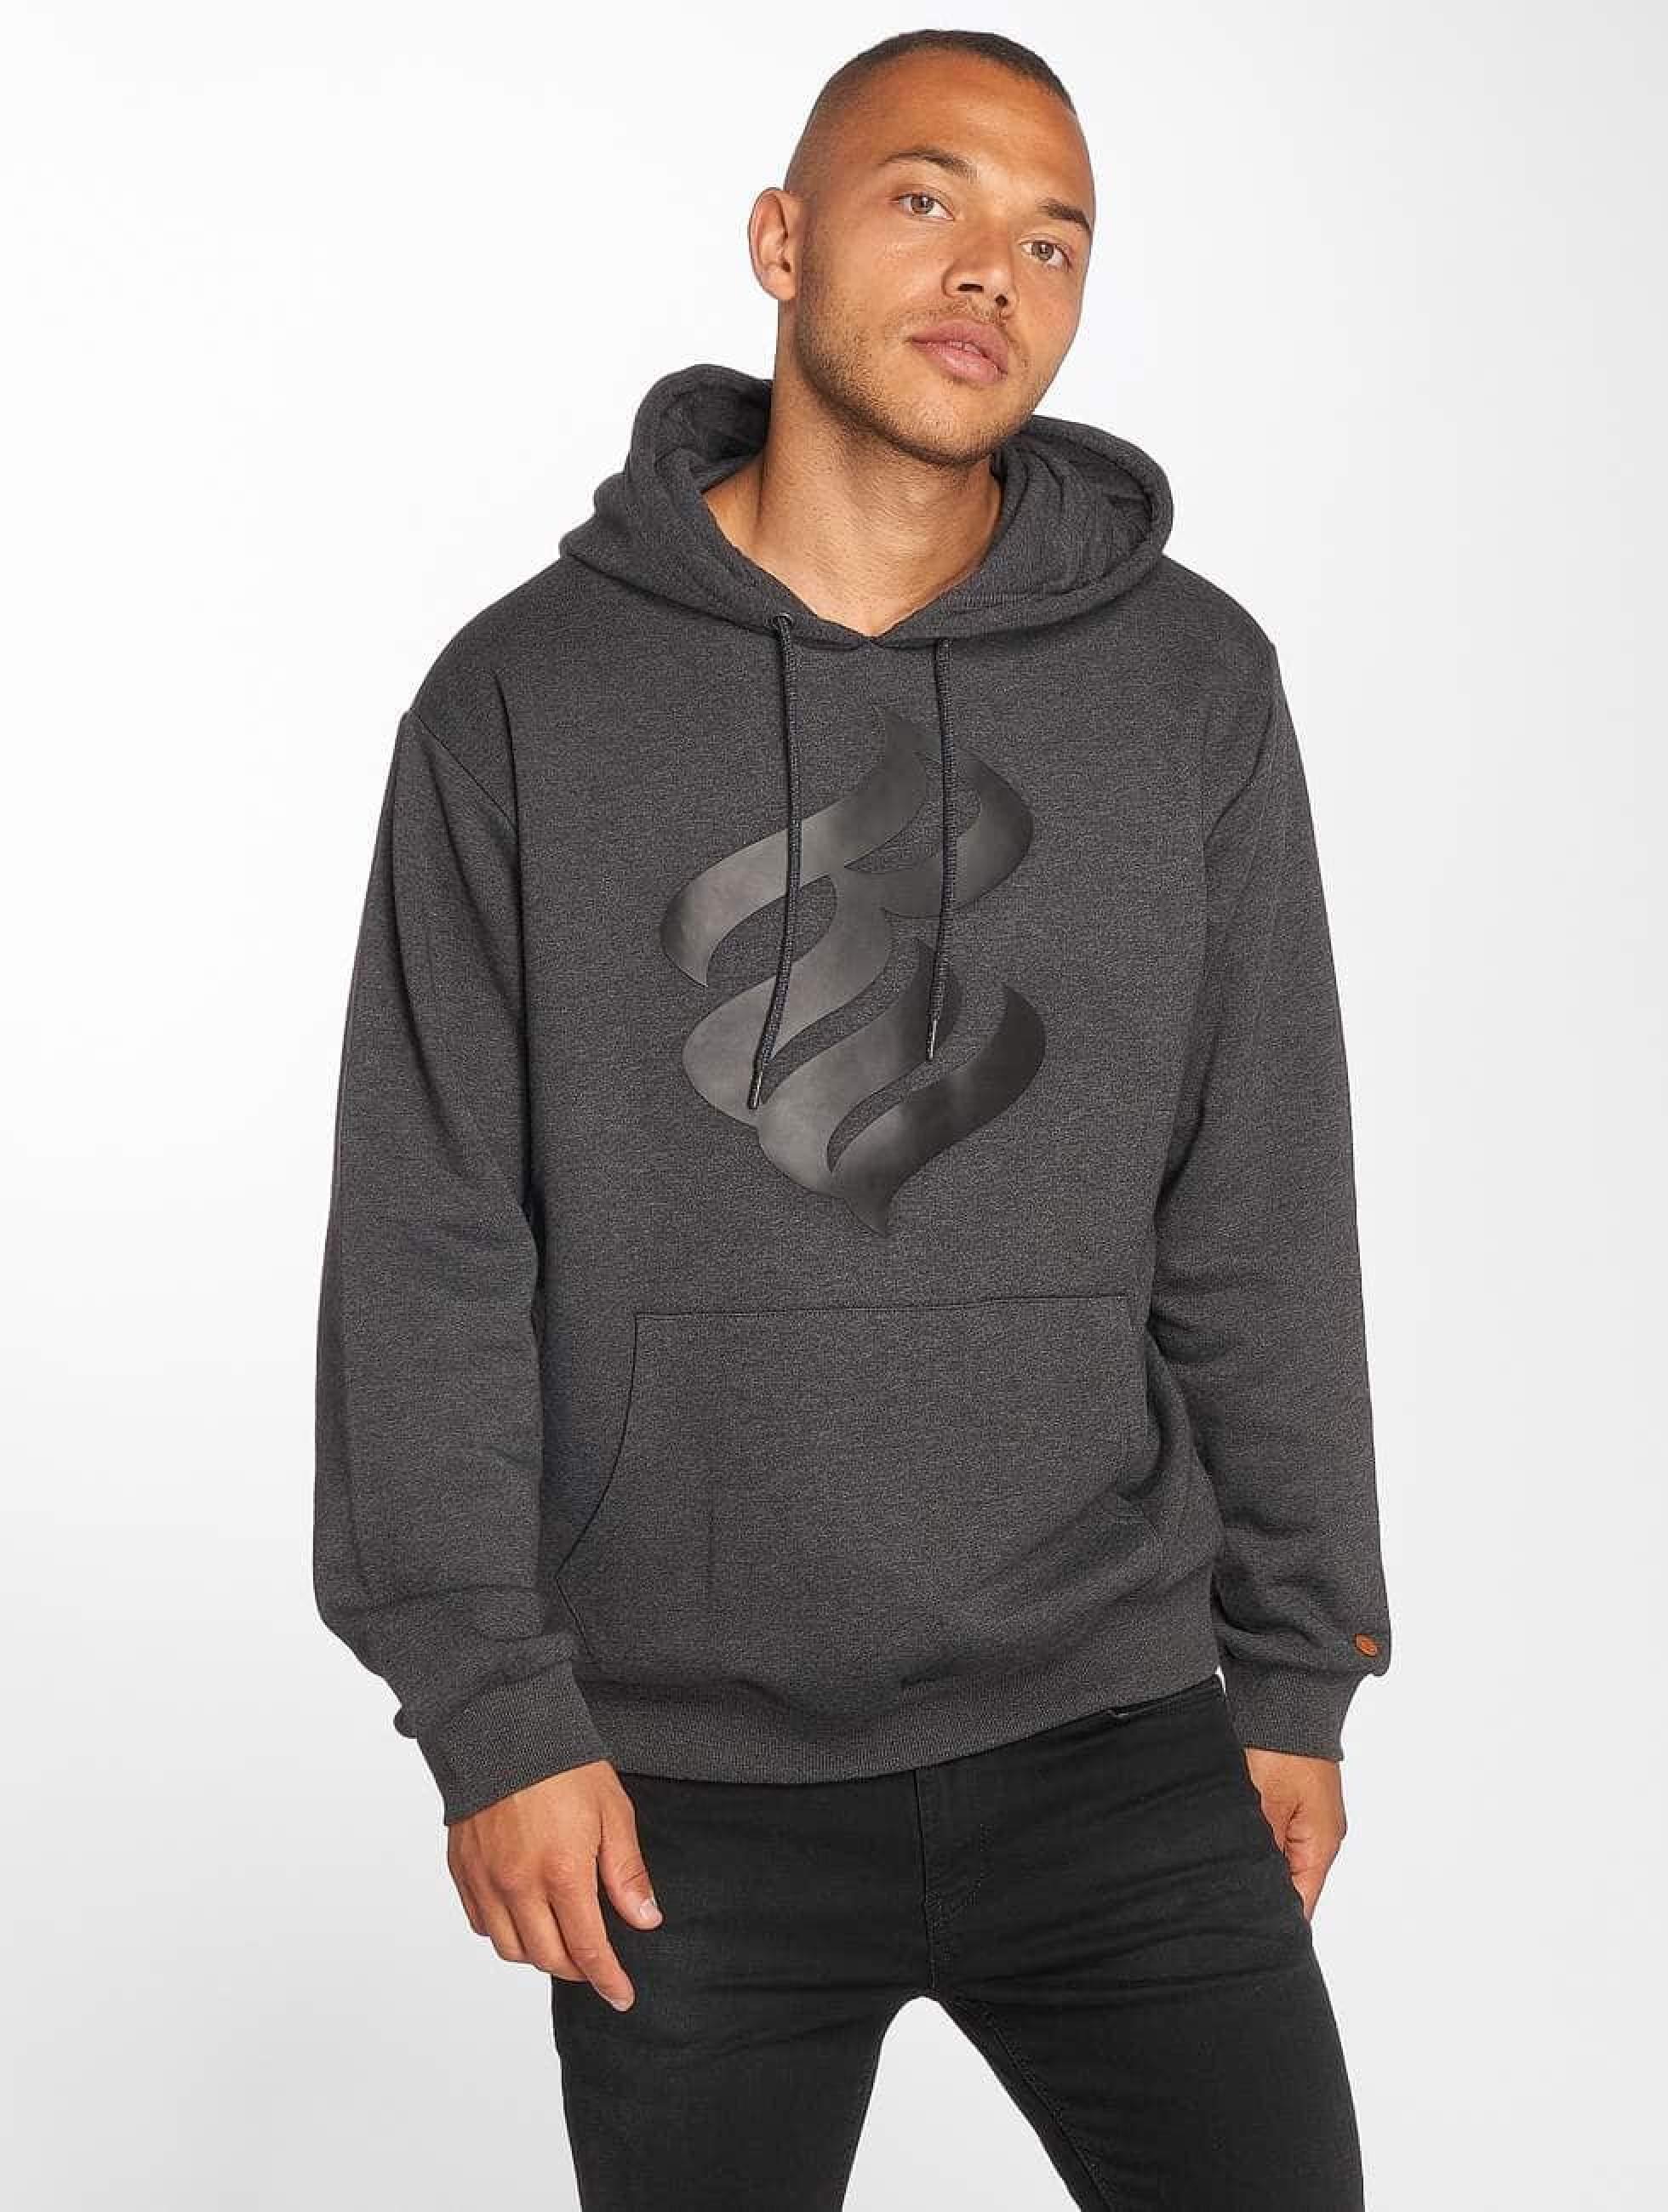 Rocawear / Hoodie Basic in grey 6XL